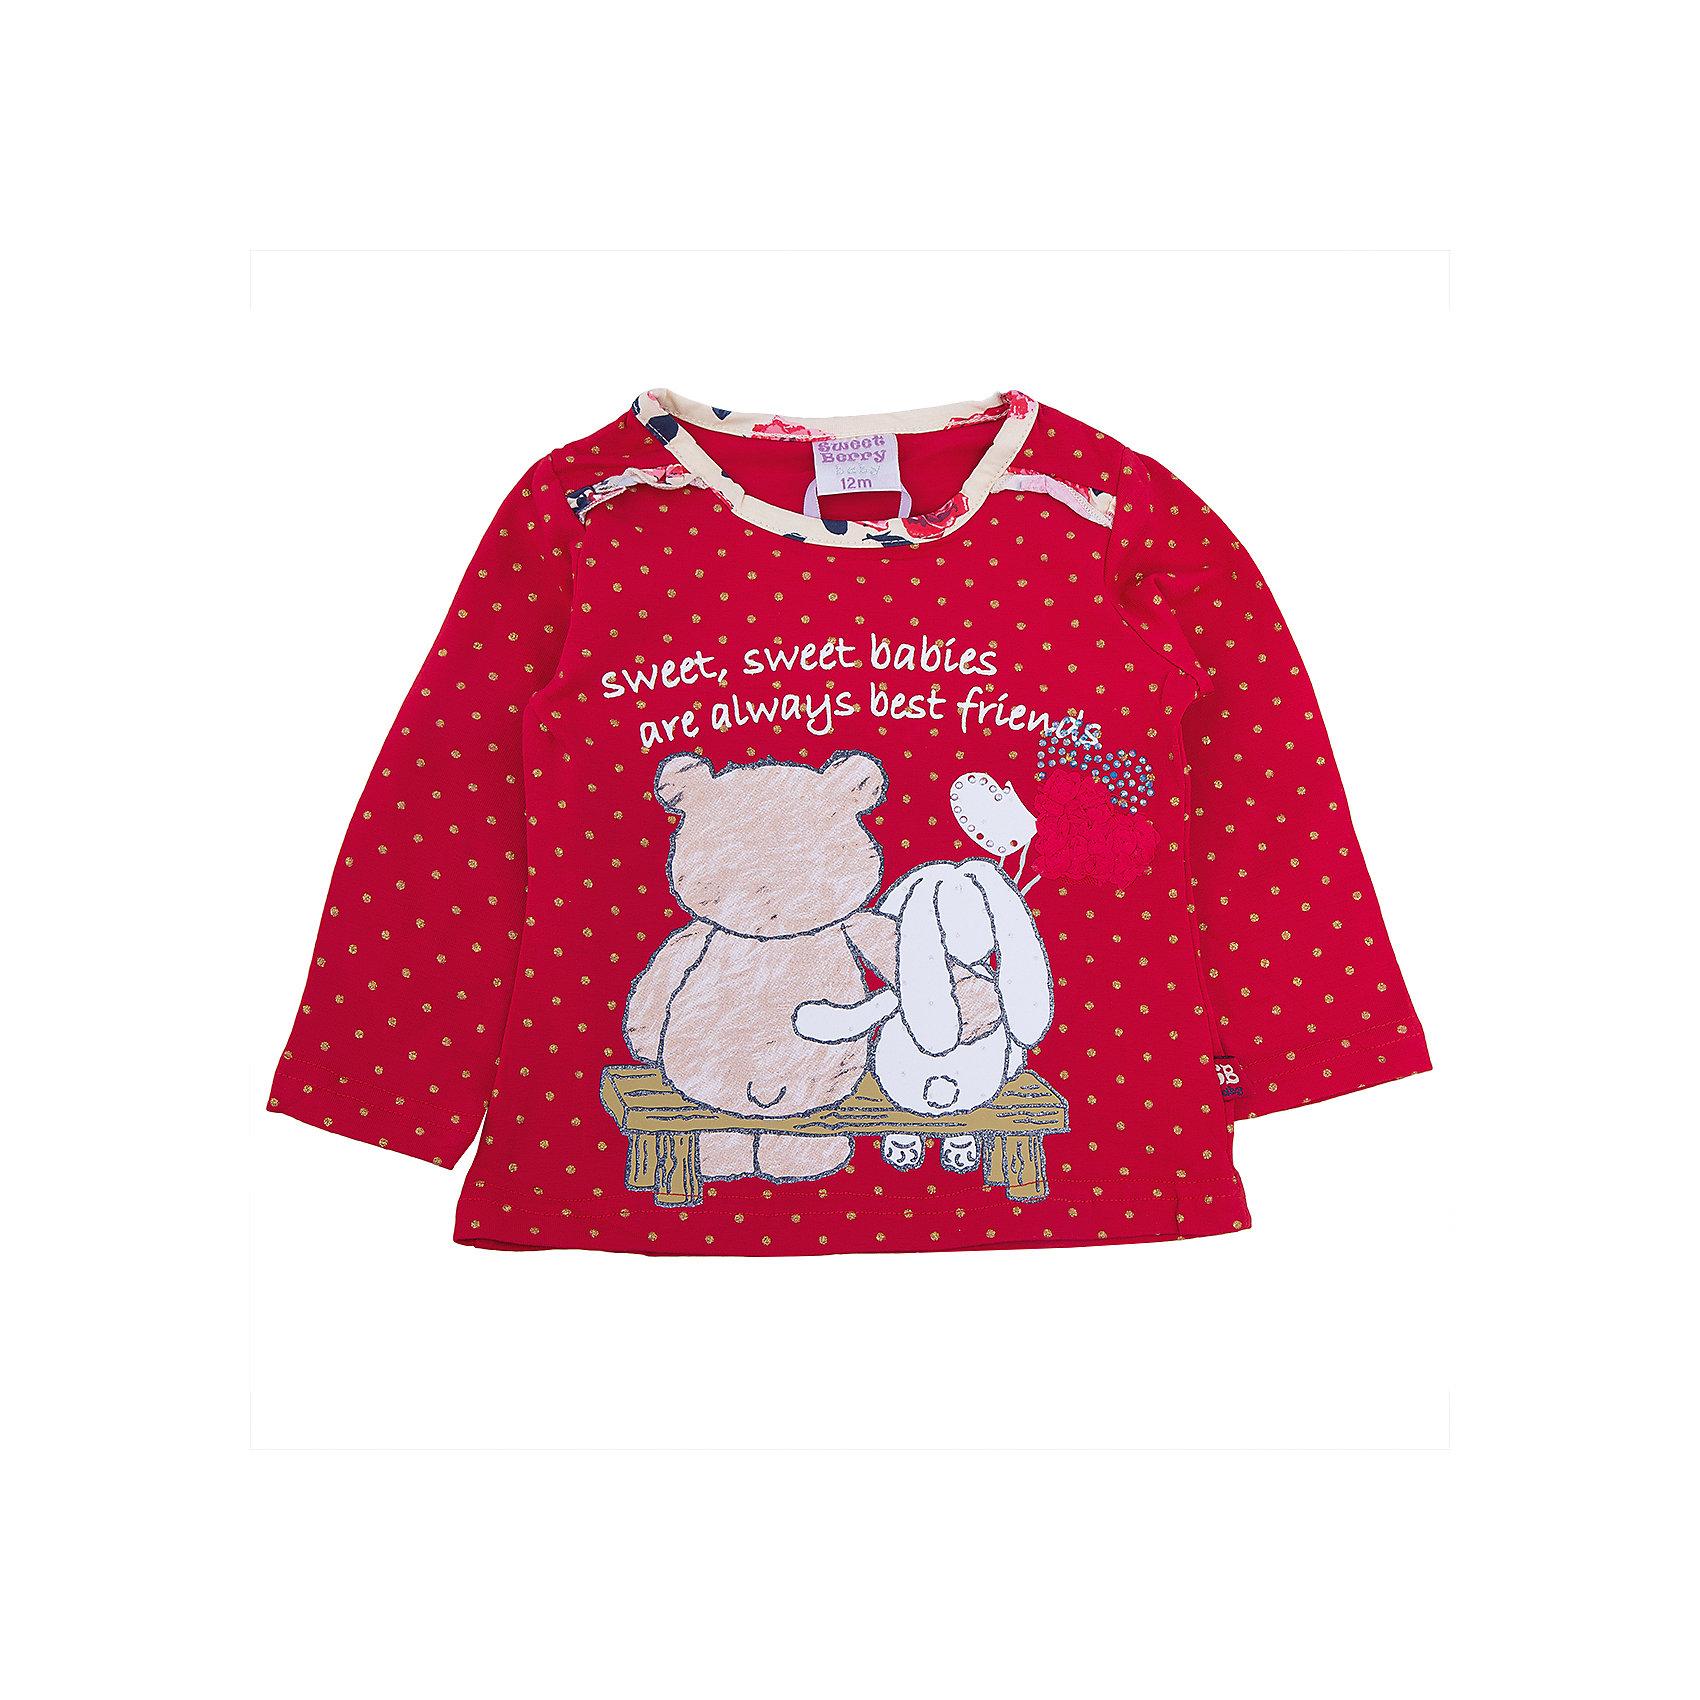 Футболка с длинным рукавом для девочки Sweet BerryФутболки с длинным рукавом<br>Такая футболка с длинным рукавом для девочки отличается модным дизайном с ярким принтом и воланами. Удачный крой обеспечит ребенку комфорт и тепло. Вещь плотно прилегает к телу там, где нужно, и отлично сидит по фигуре.<br>Одежда от бренда Sweet Berry - это простой и выгодный способ одеть ребенка удобно и стильно. Всё изделия тщательно проработаны: швы - прочные, материал - качественный, фурнитура - подобранная специально для детей. <br><br>Дополнительная информация:<br><br>цвет: бежевый;<br>материал: 95% хлопок, 5% эластан;<br>декорирована принтом.<br><br>Футболку с длинным рукавом для девочки от бренда Sweet Berry можно купить в нашем интернет-магазине.<br><br>Ширина мм: 230<br>Глубина мм: 40<br>Высота мм: 220<br>Вес г: 250<br>Цвет: красный<br>Возраст от месяцев: 18<br>Возраст до месяцев: 24<br>Пол: Женский<br>Возраст: Детский<br>Размер: 92,98,80,86<br>SKU: 4931333